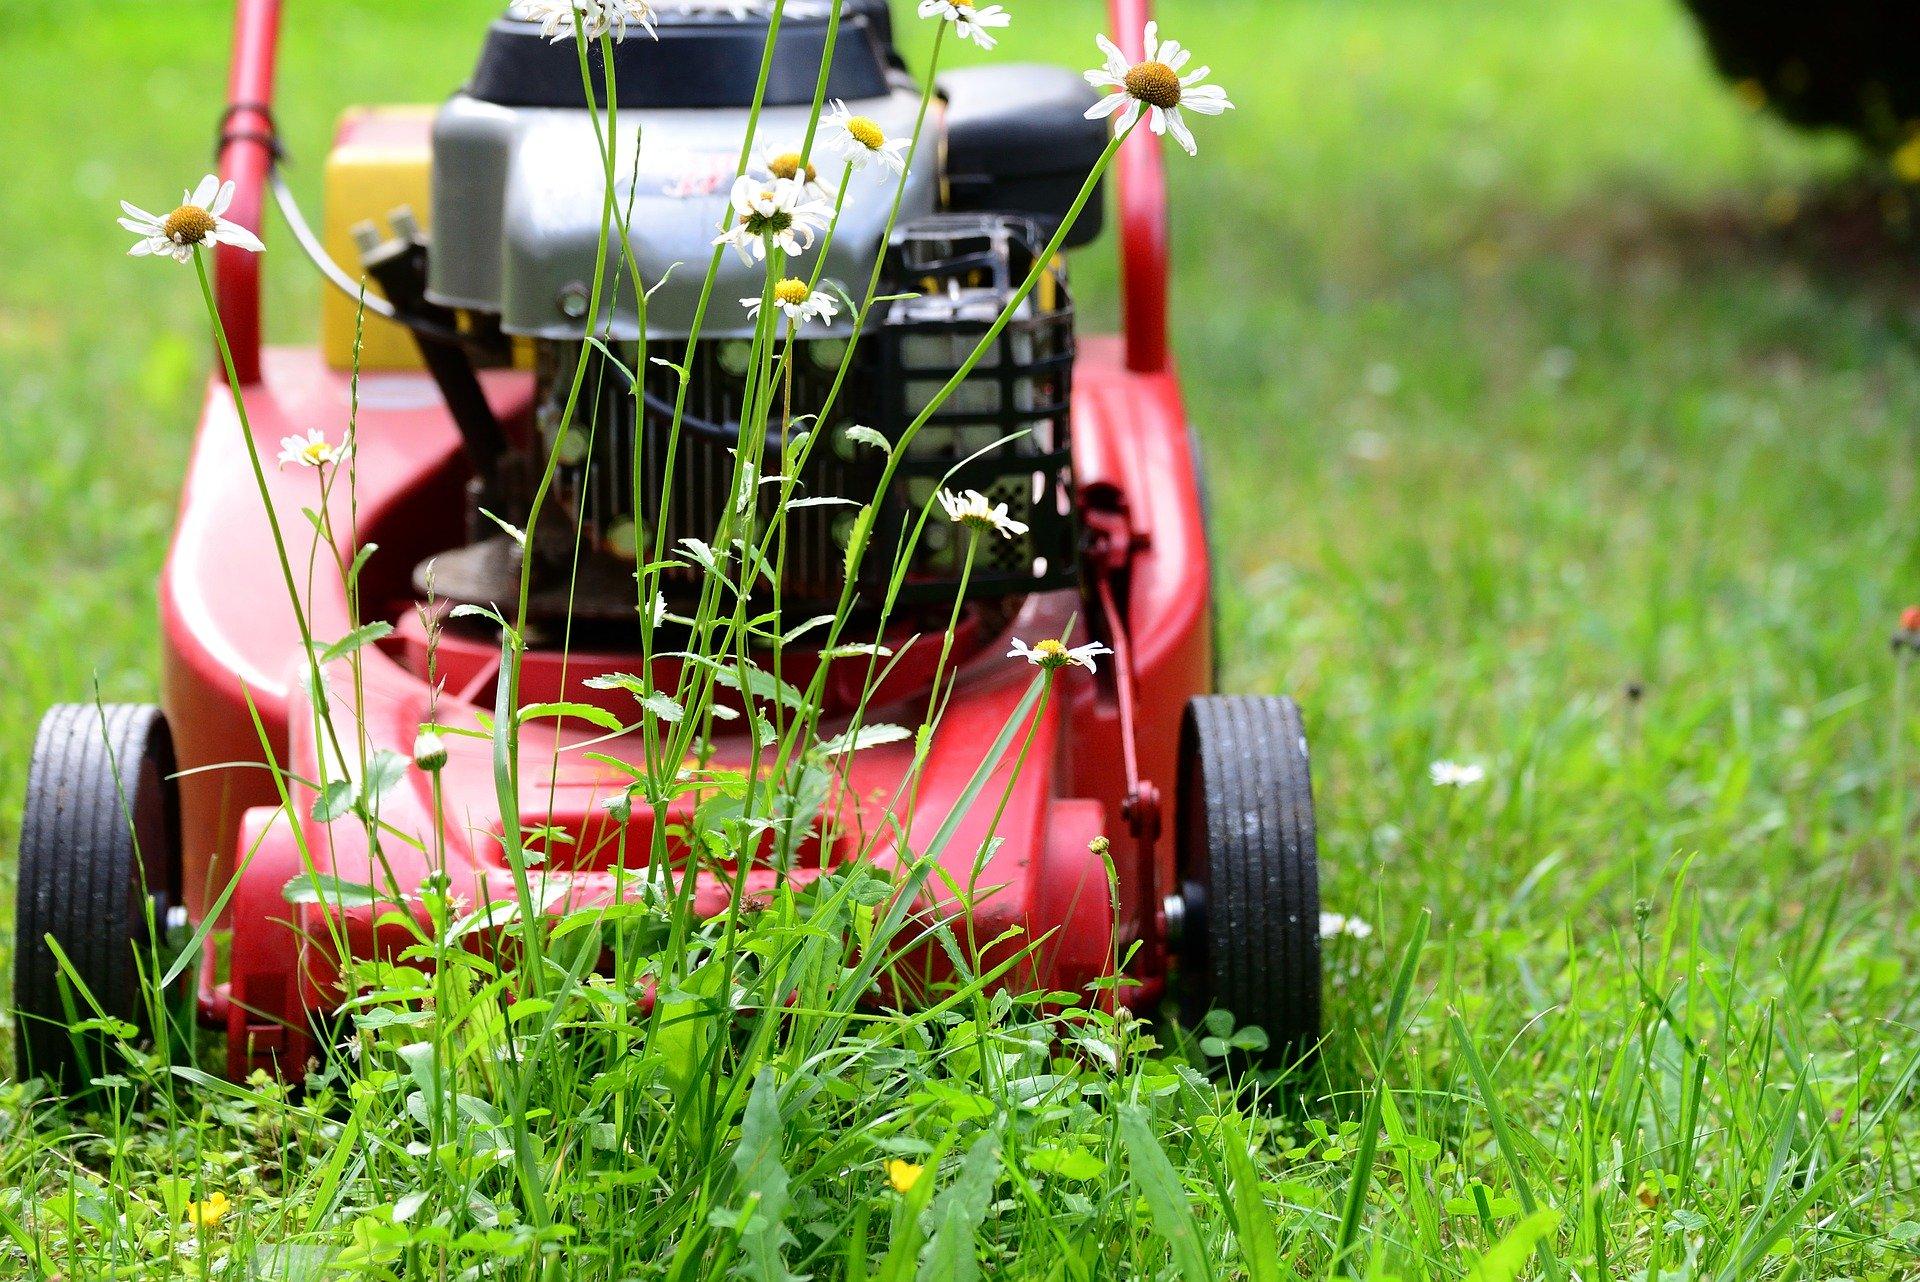 lawn-mower-5329533_1920.jpg